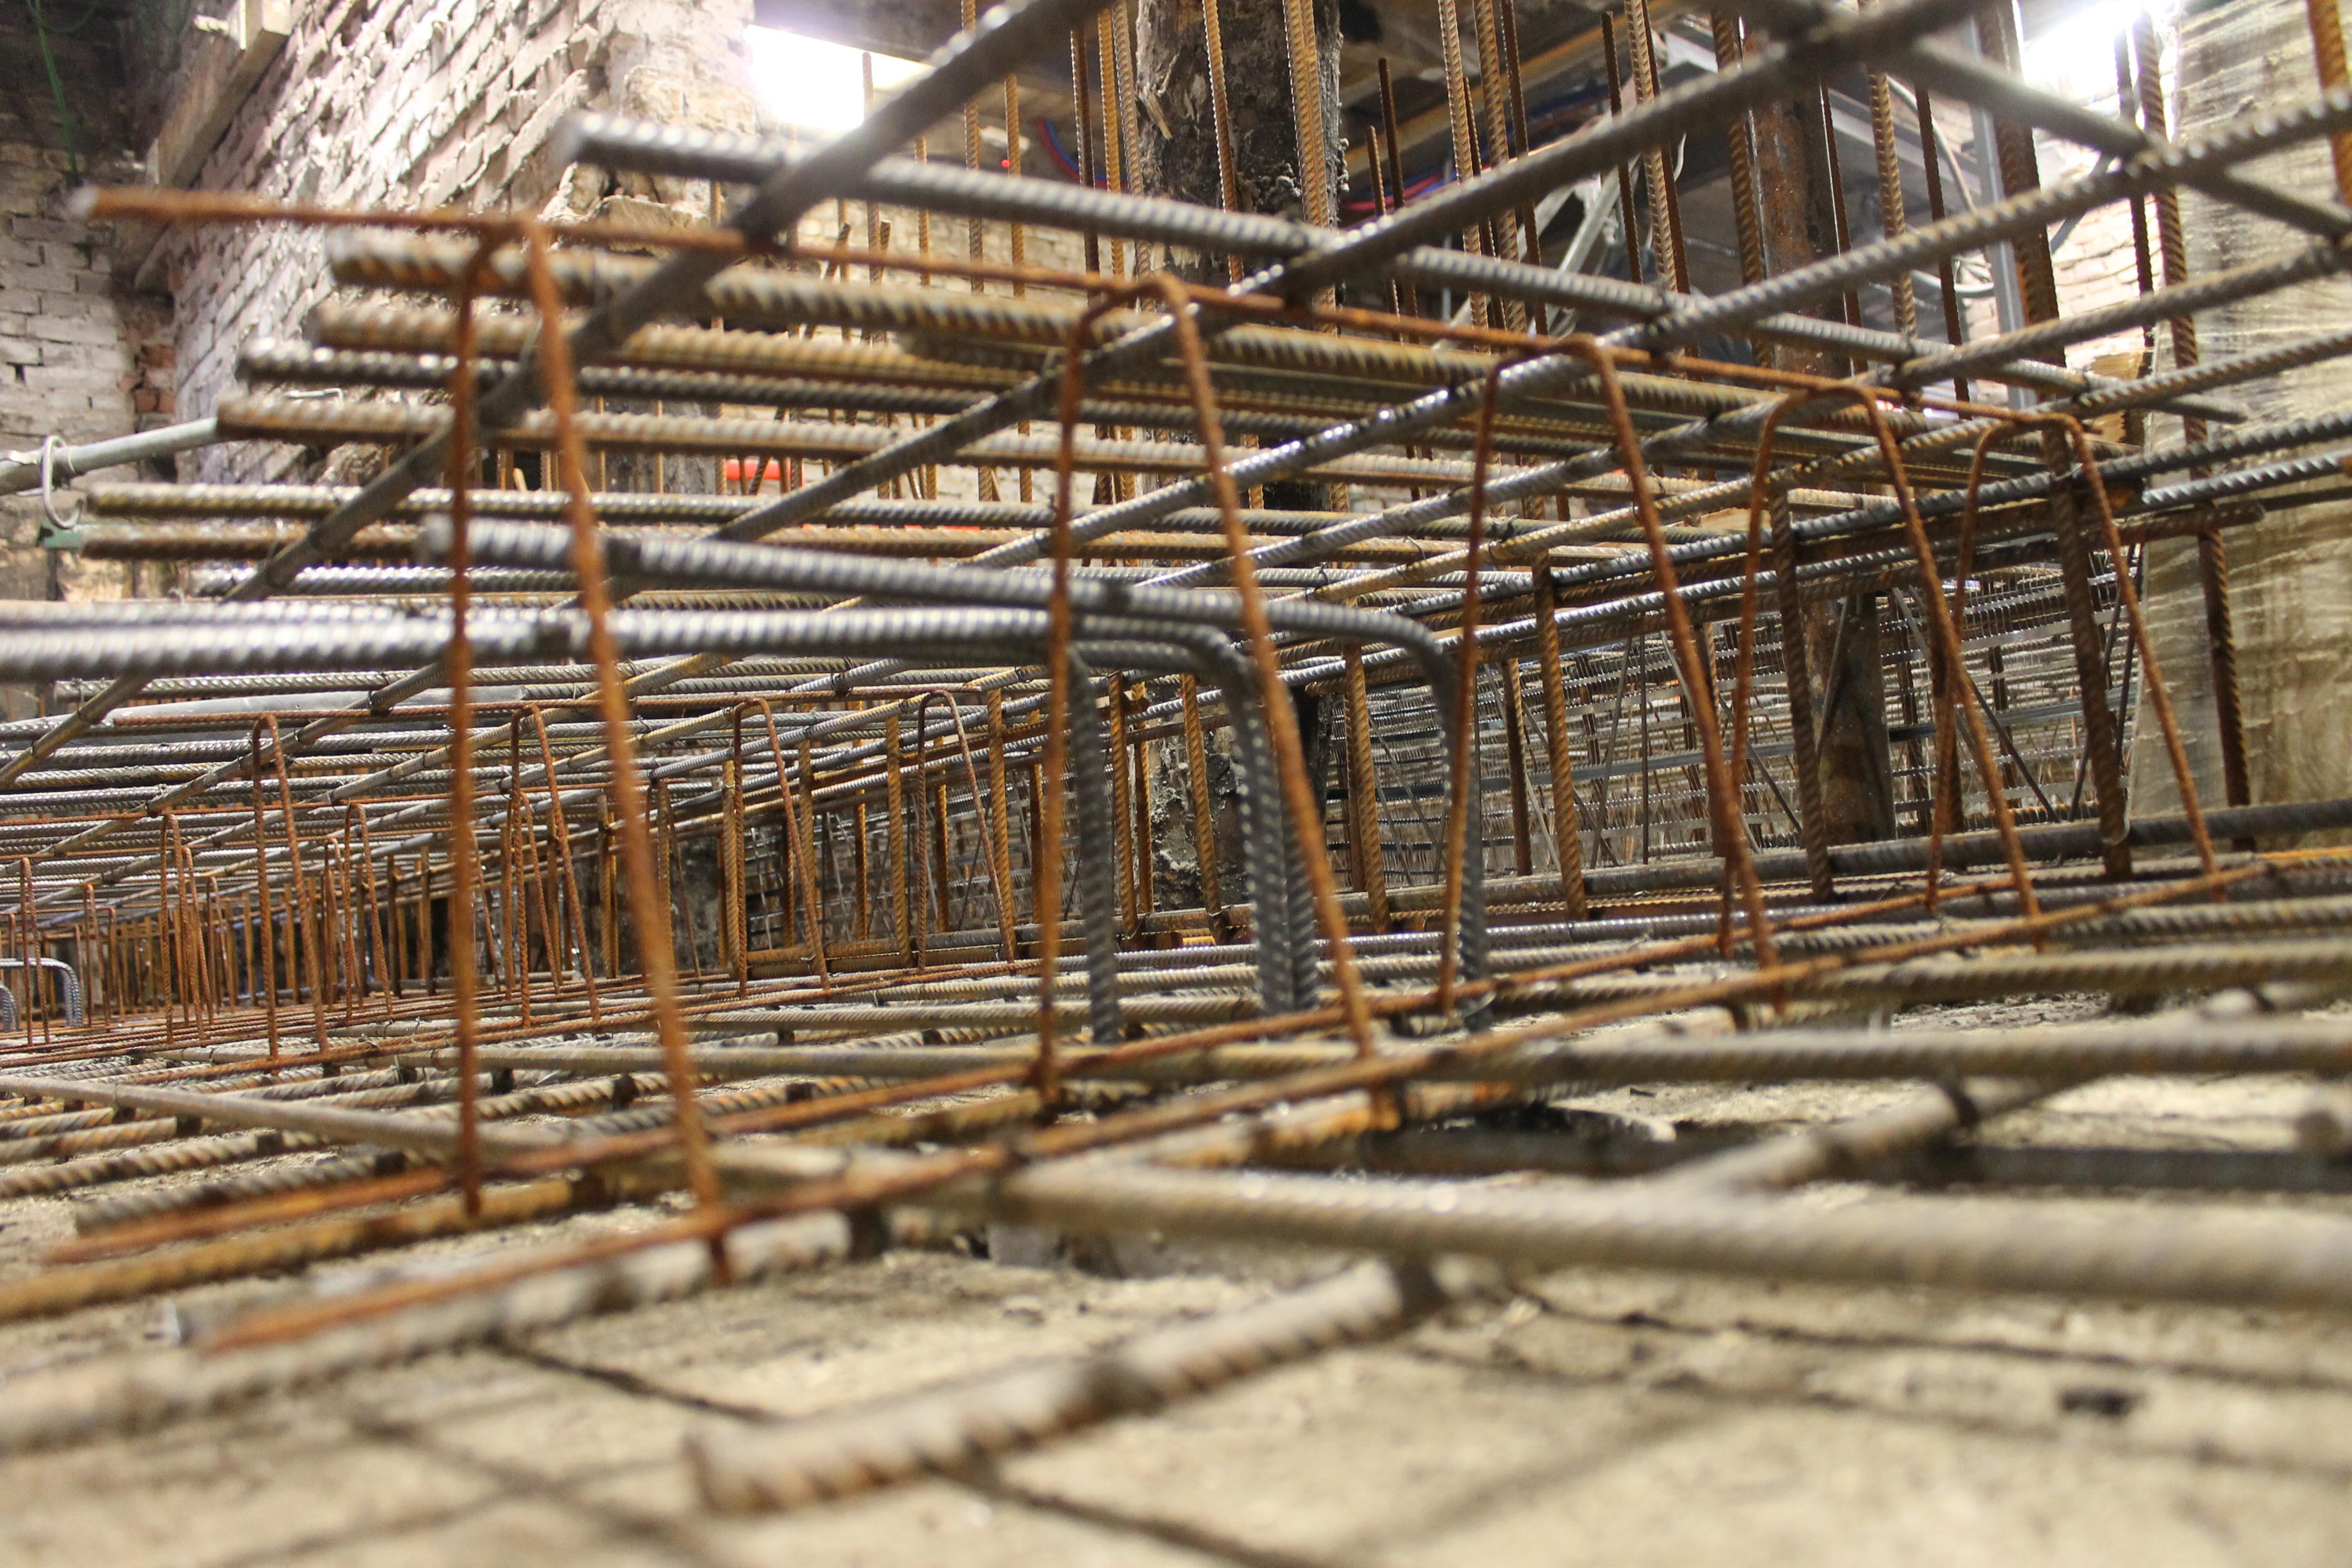 Wapening voor de constructievloer. Deze vloer is onderdeel van de nieuwe fundering.